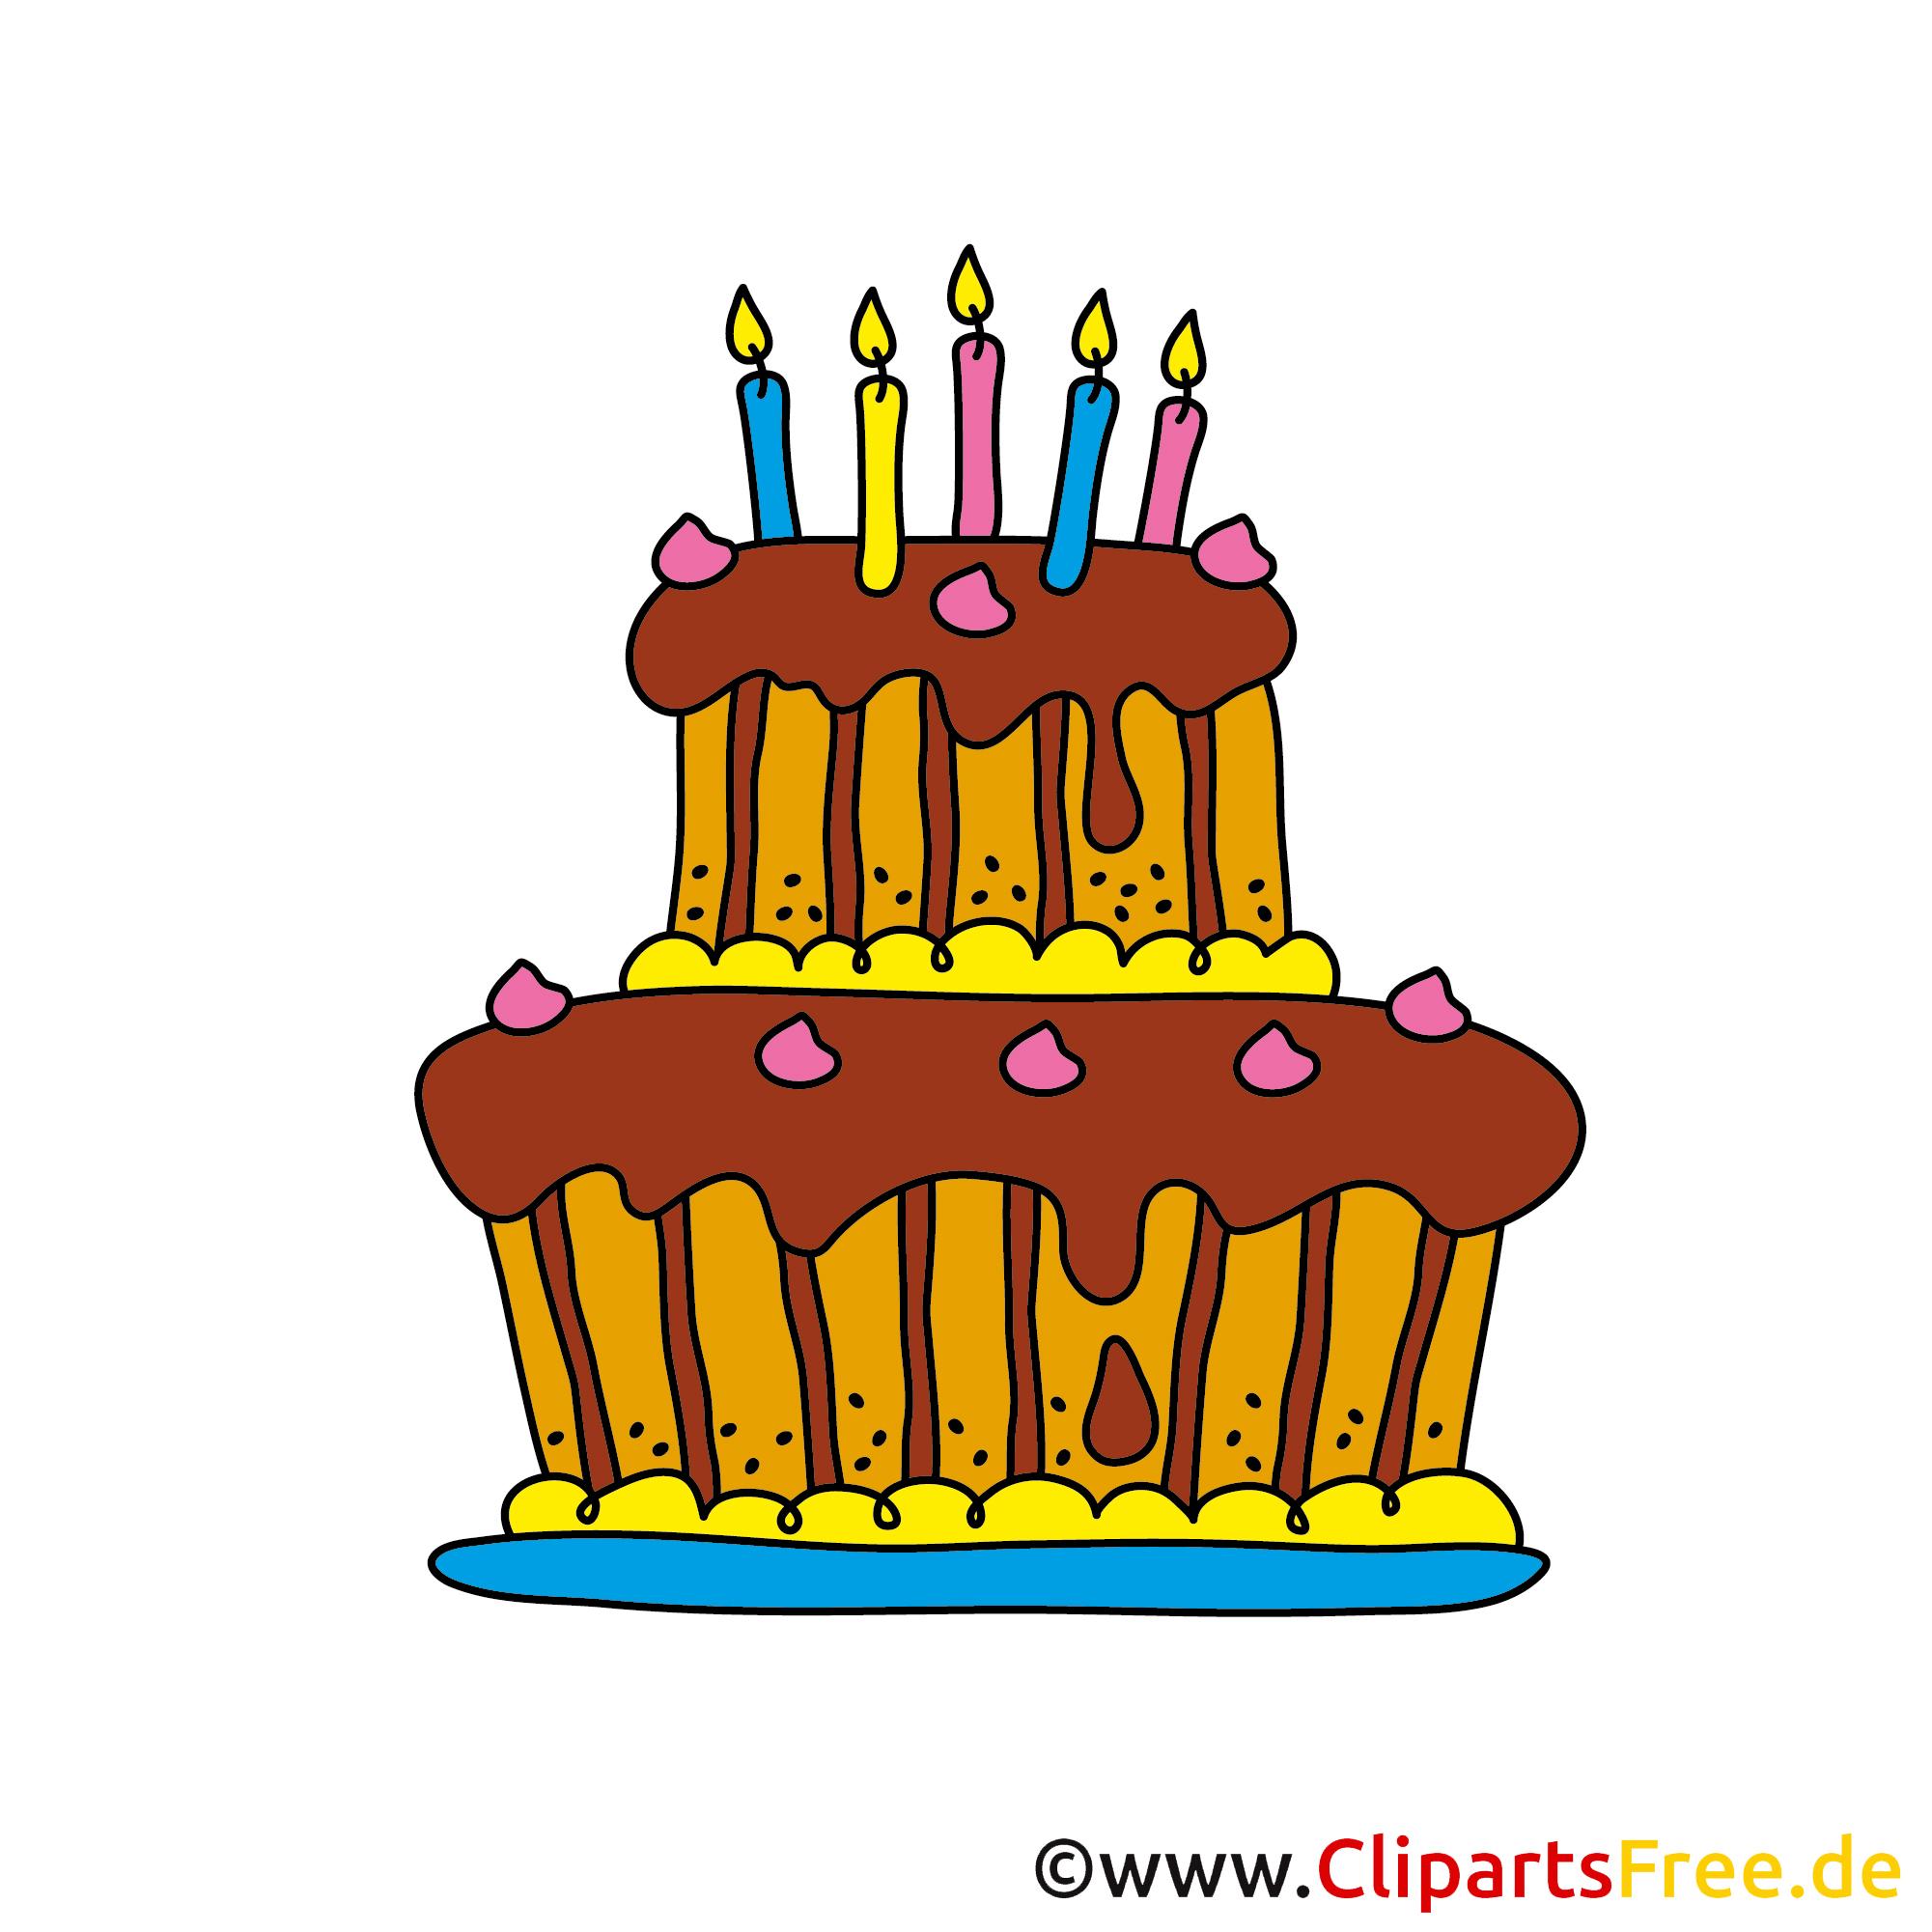 Clip Art zum Geburtstag - Geburtstagstorte Cartoon